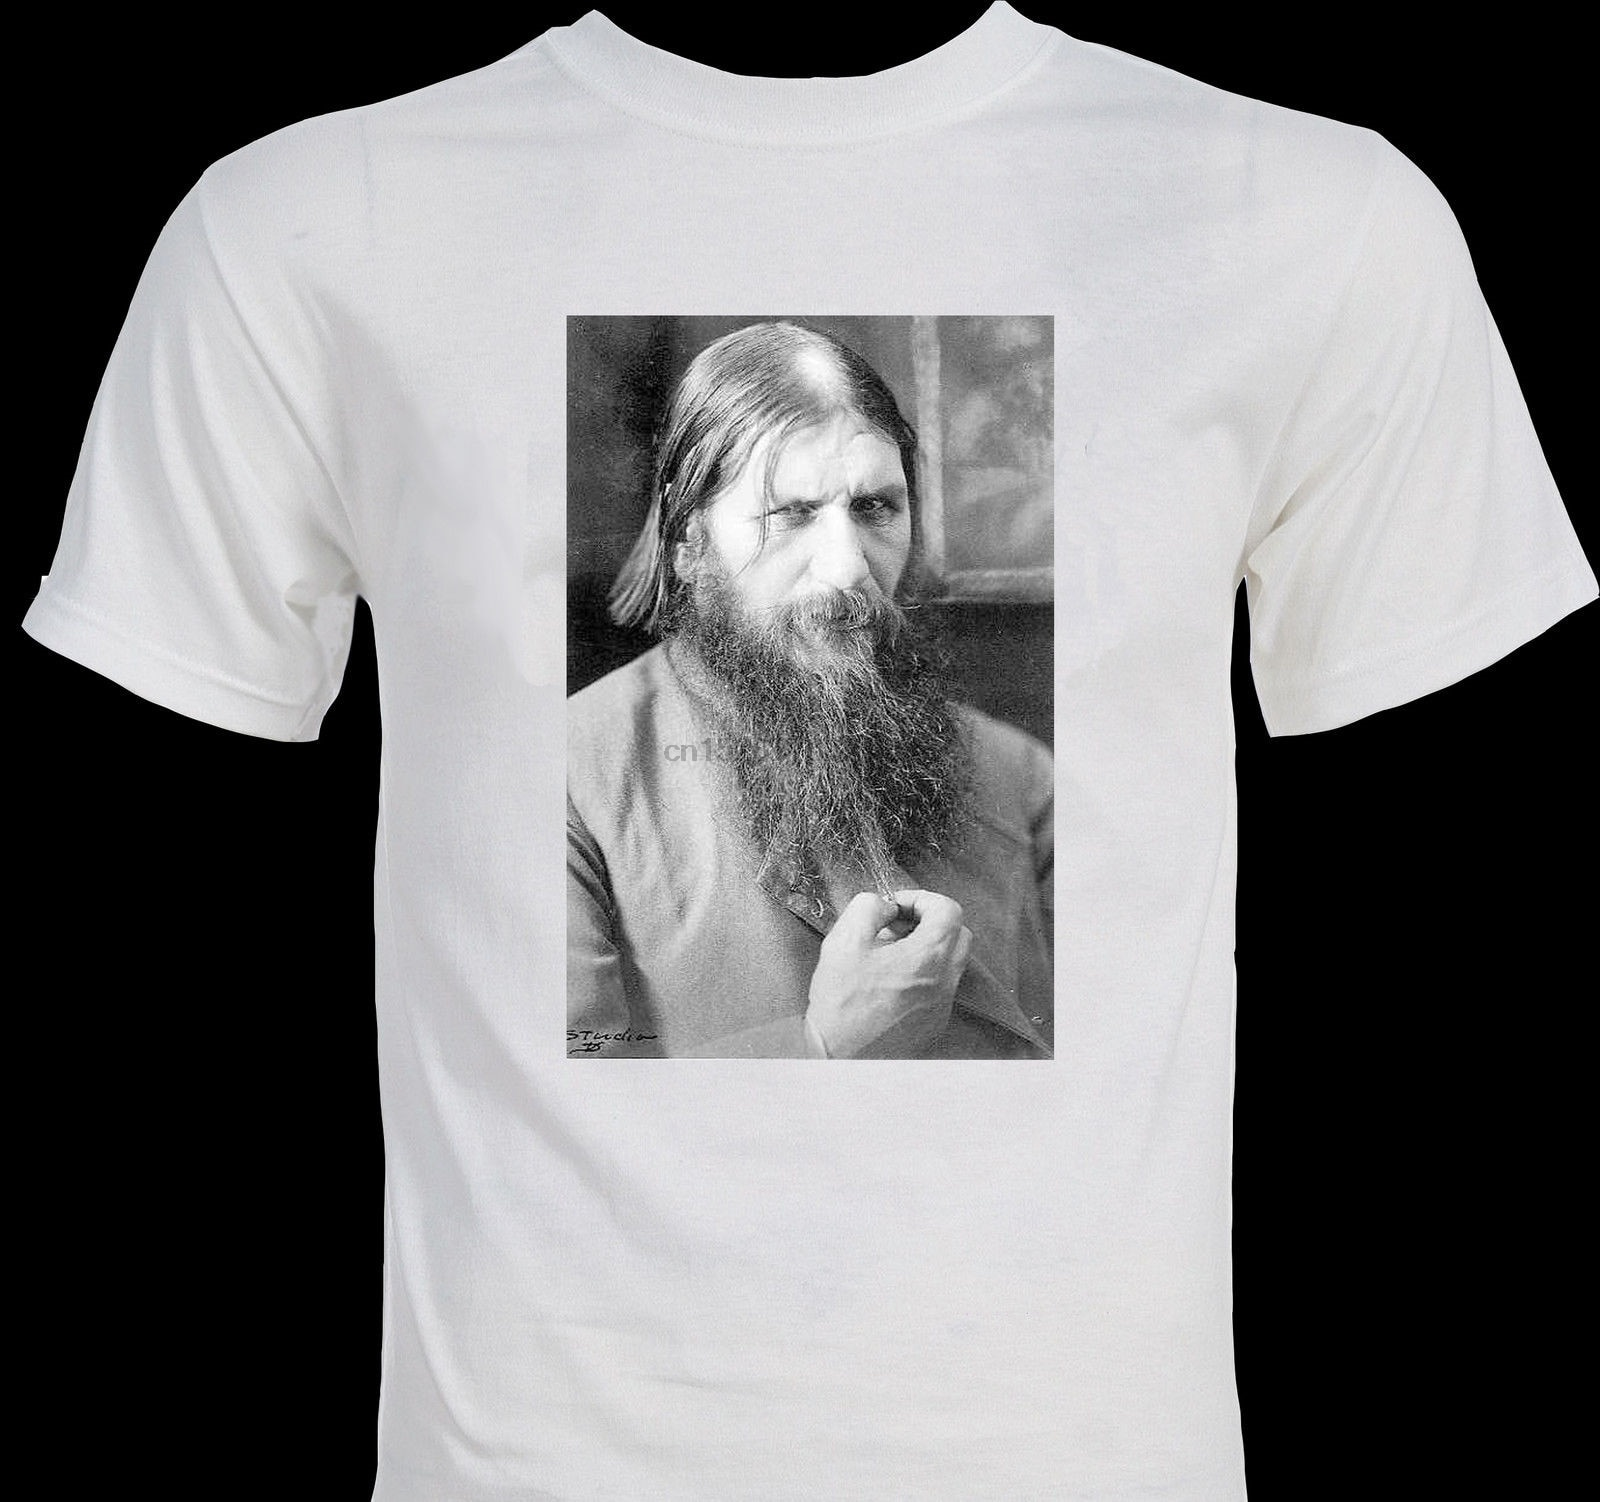 Ropa de marca para hombres, diseño impreso a la moda, Rasputín ocultismo místico, músculo eslavo, camisetas para hombres